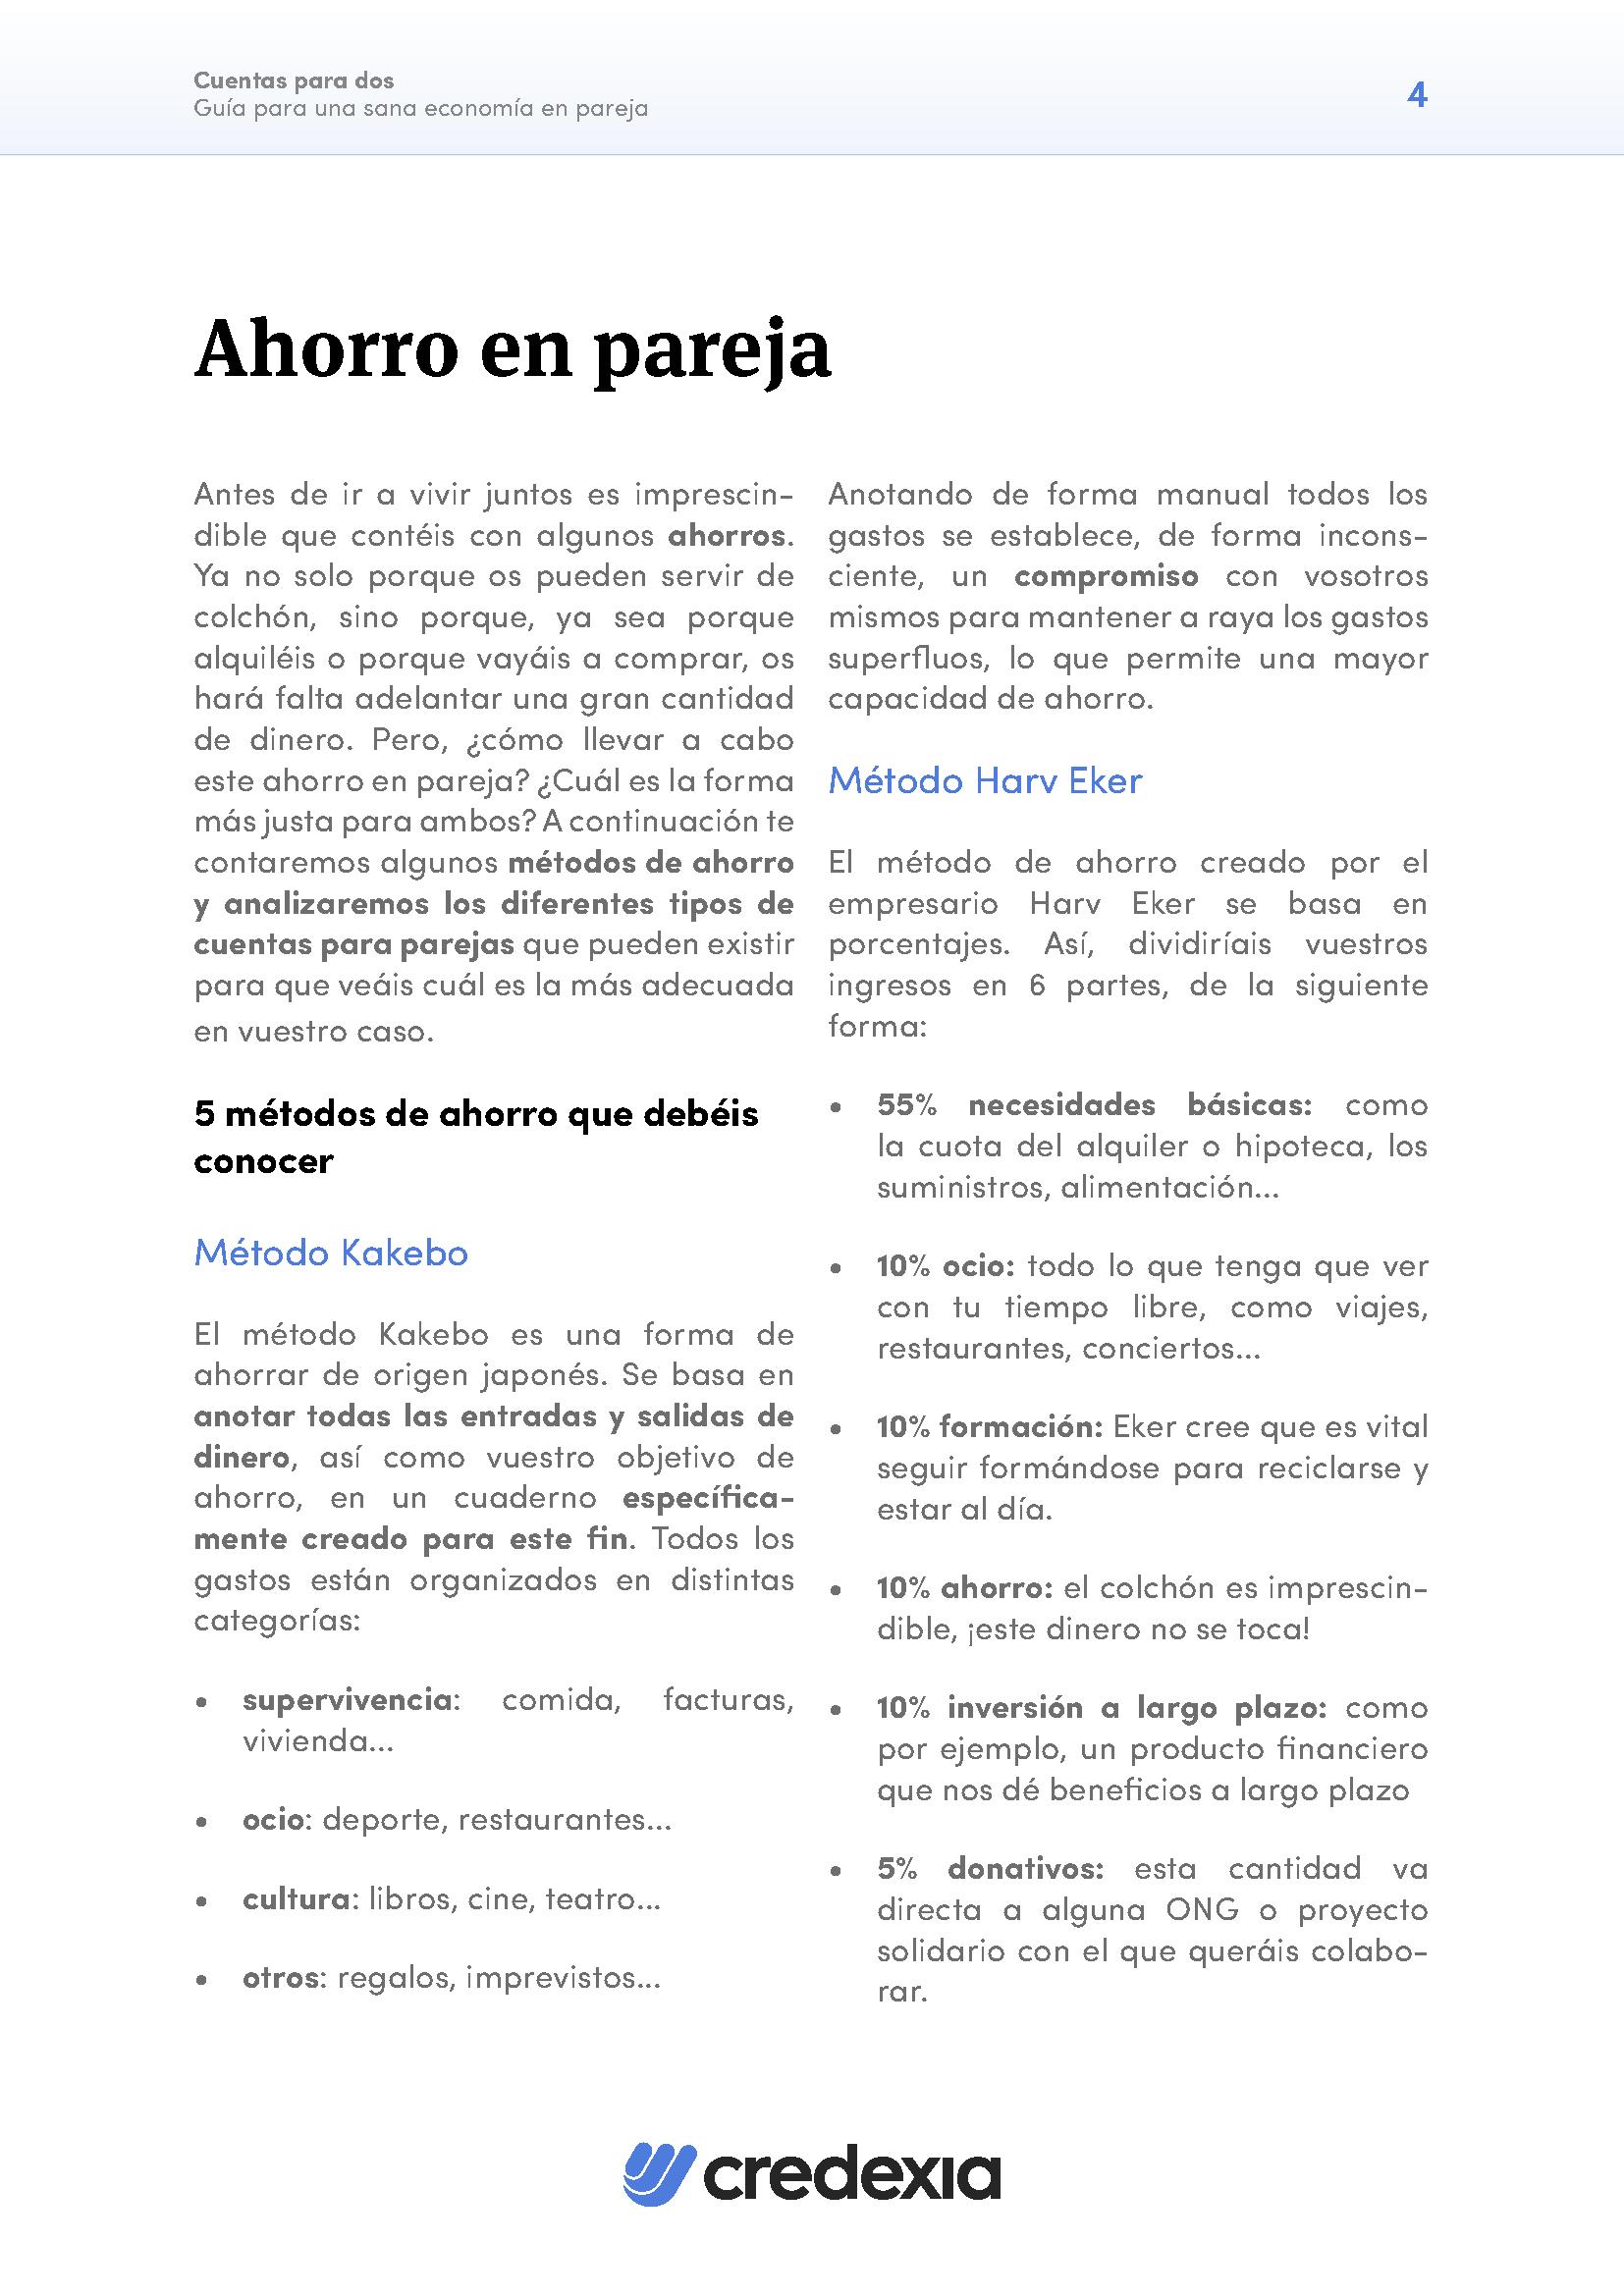 CRE_ebook_Página_04